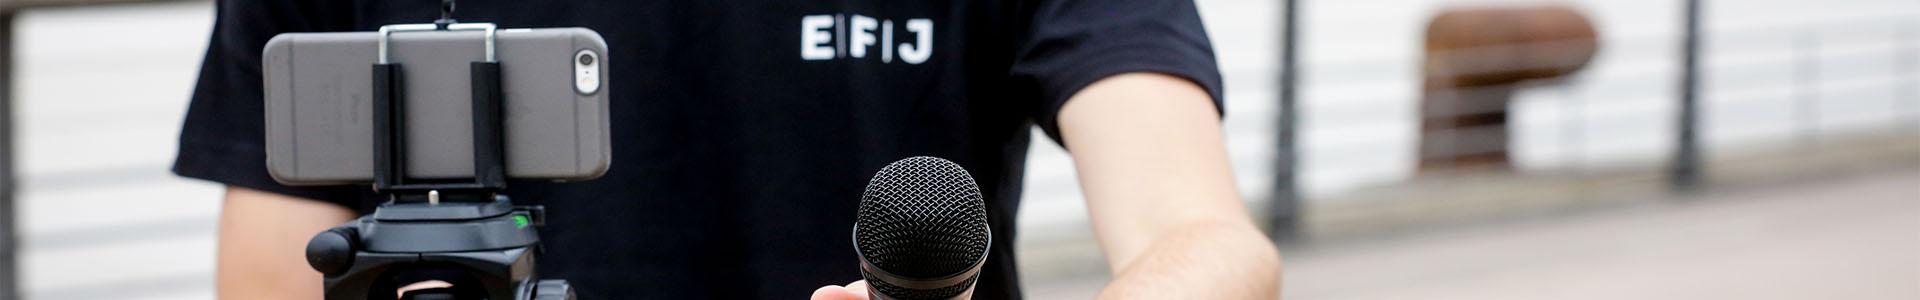 Intégrez une École de Journalisme Professionnalisante - EFJ